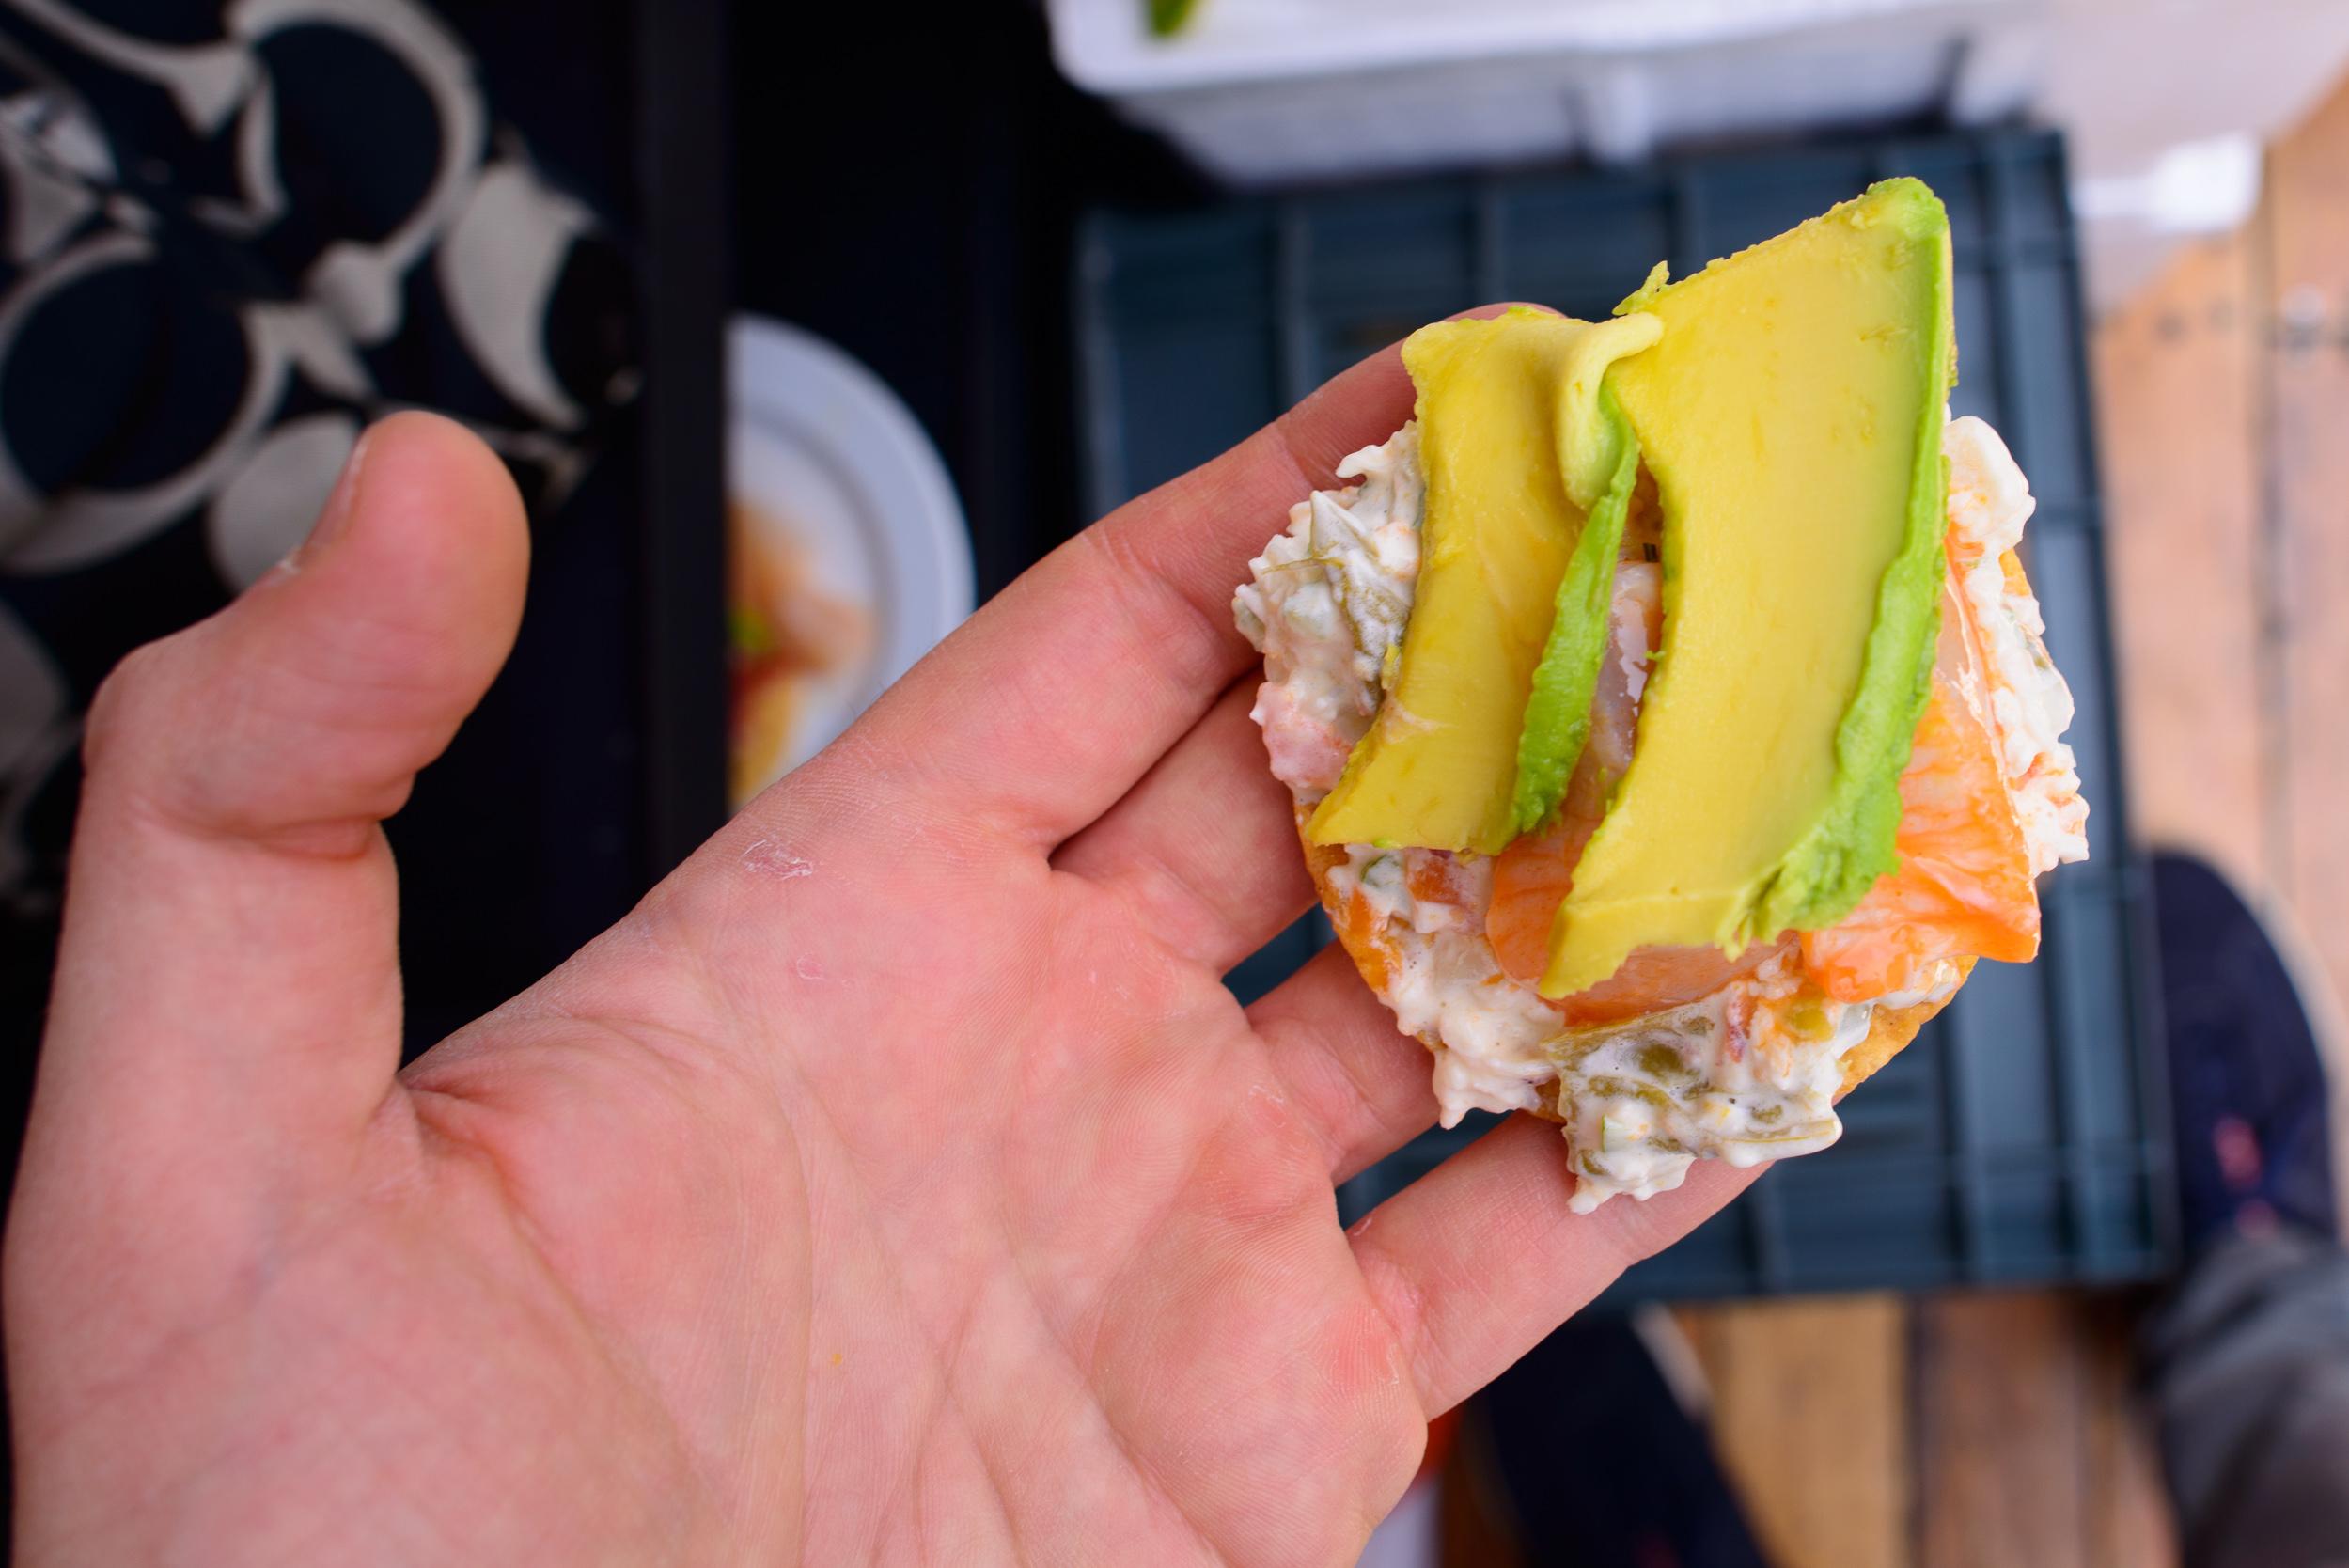 Tostadita de jaiba con callo de hacha (Crab tostada with diver s